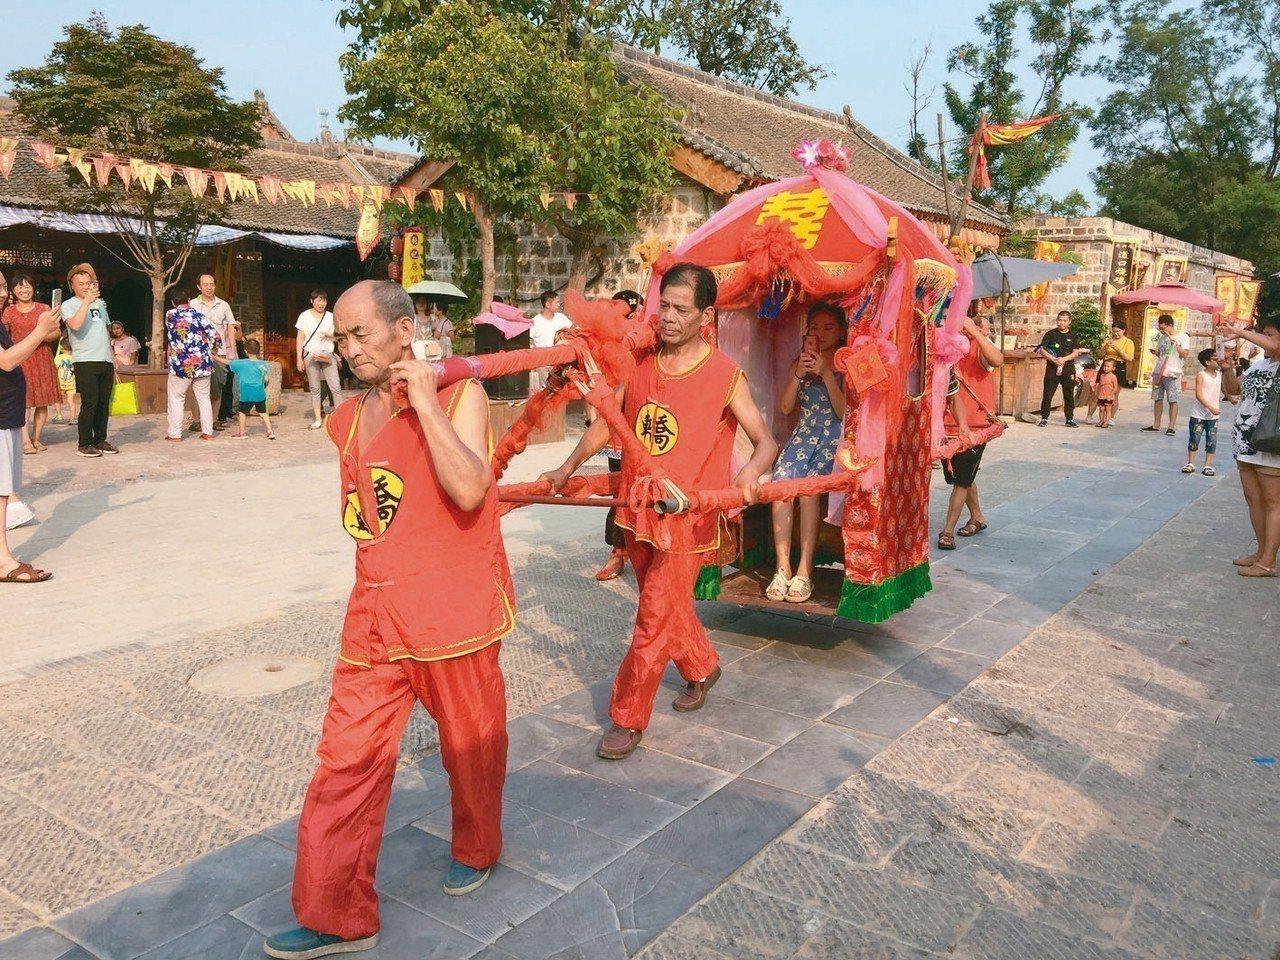 桑園小鎮裡的民俗活動,吸引遊客。 記者汪莉絹/攝影